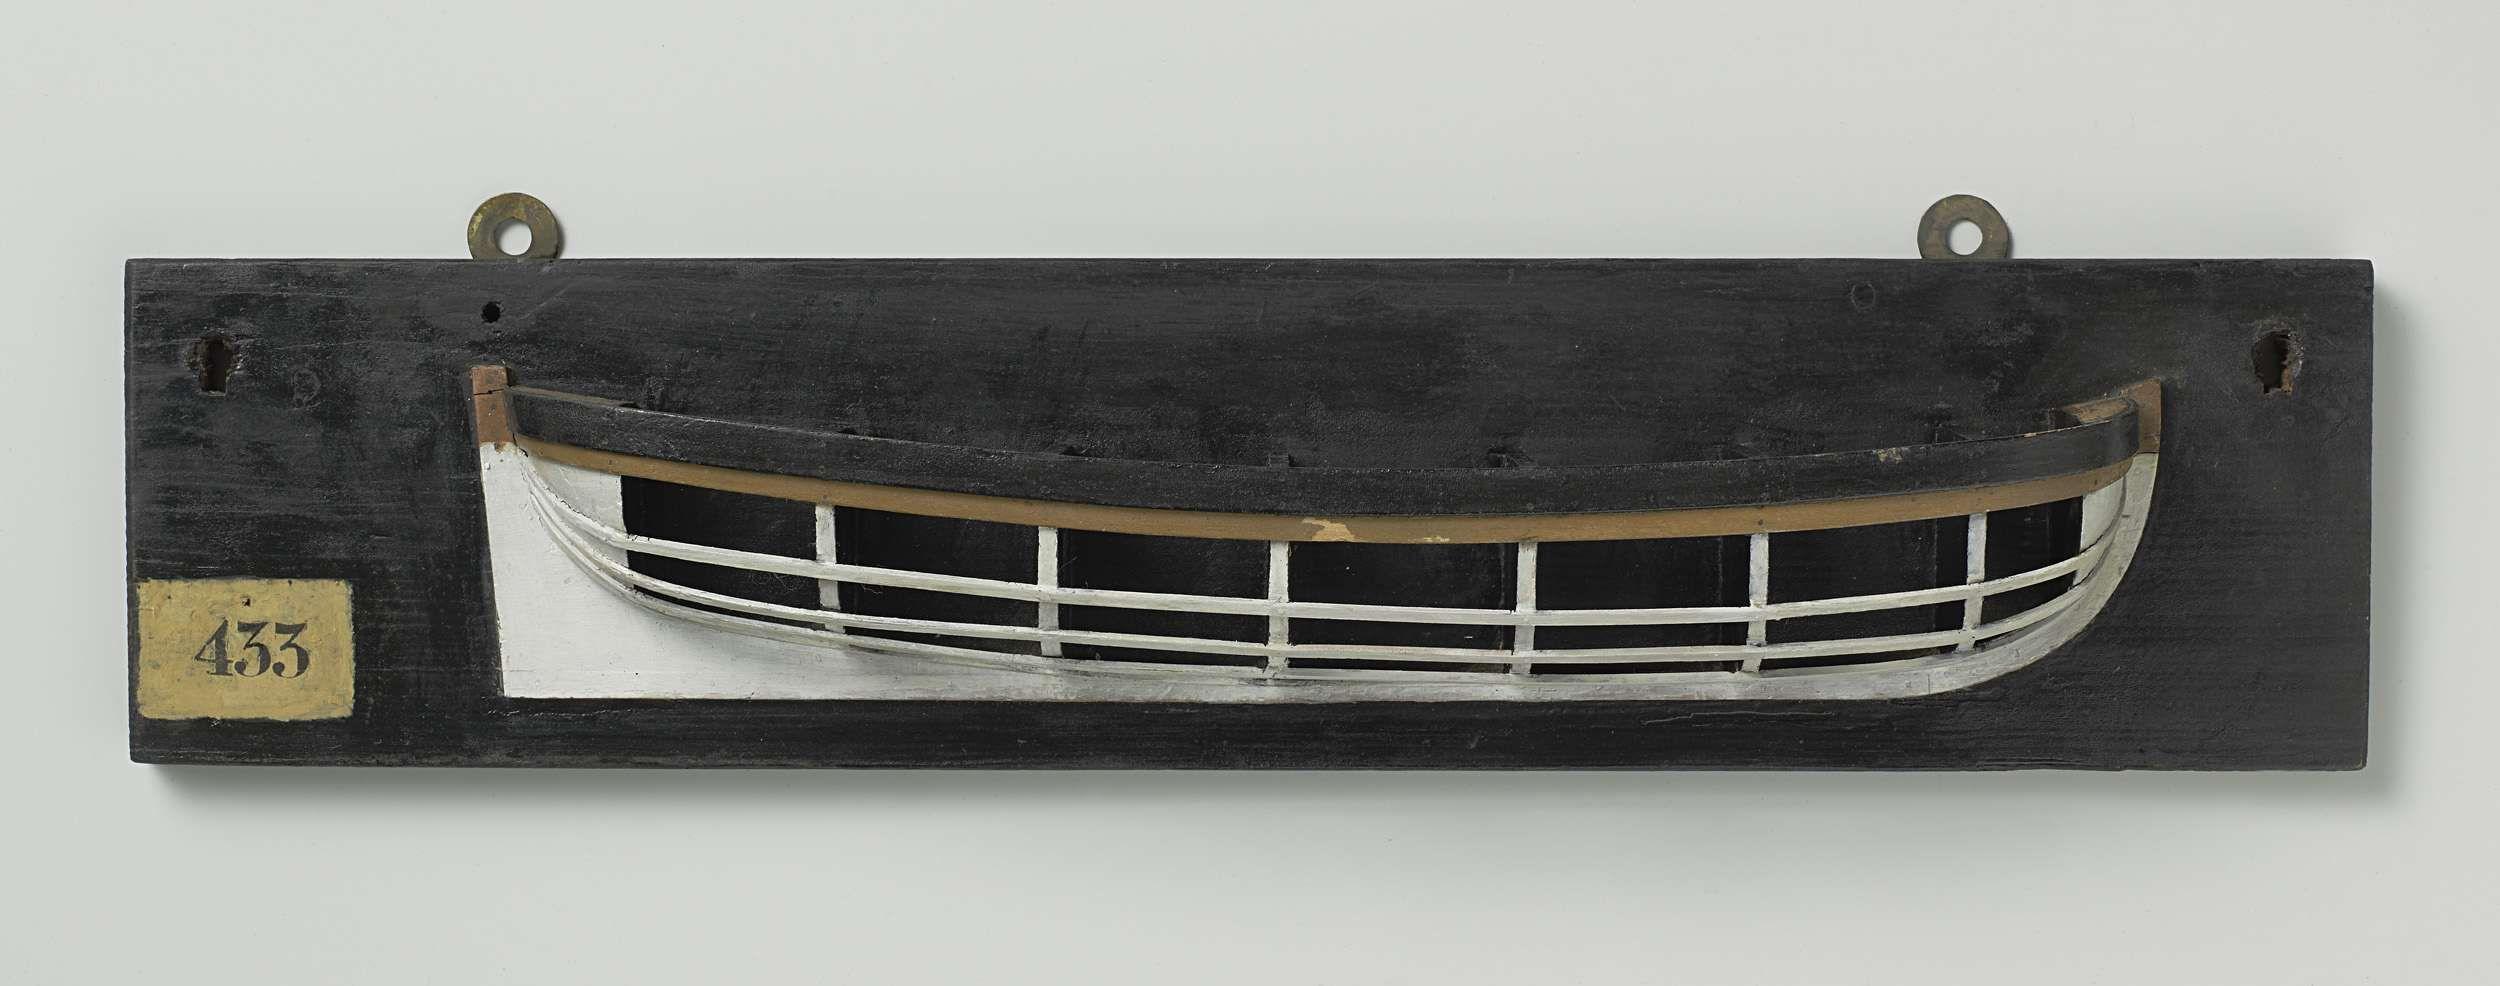 Anonymous | Halfmodel van een jol, Anonymous, 1780 - 1820 | Mallenmodel (stuurboord) van een roeiboot; rond voor- en achterschip. De zeeg loopt op naar beide uiteinden. Rondspant.